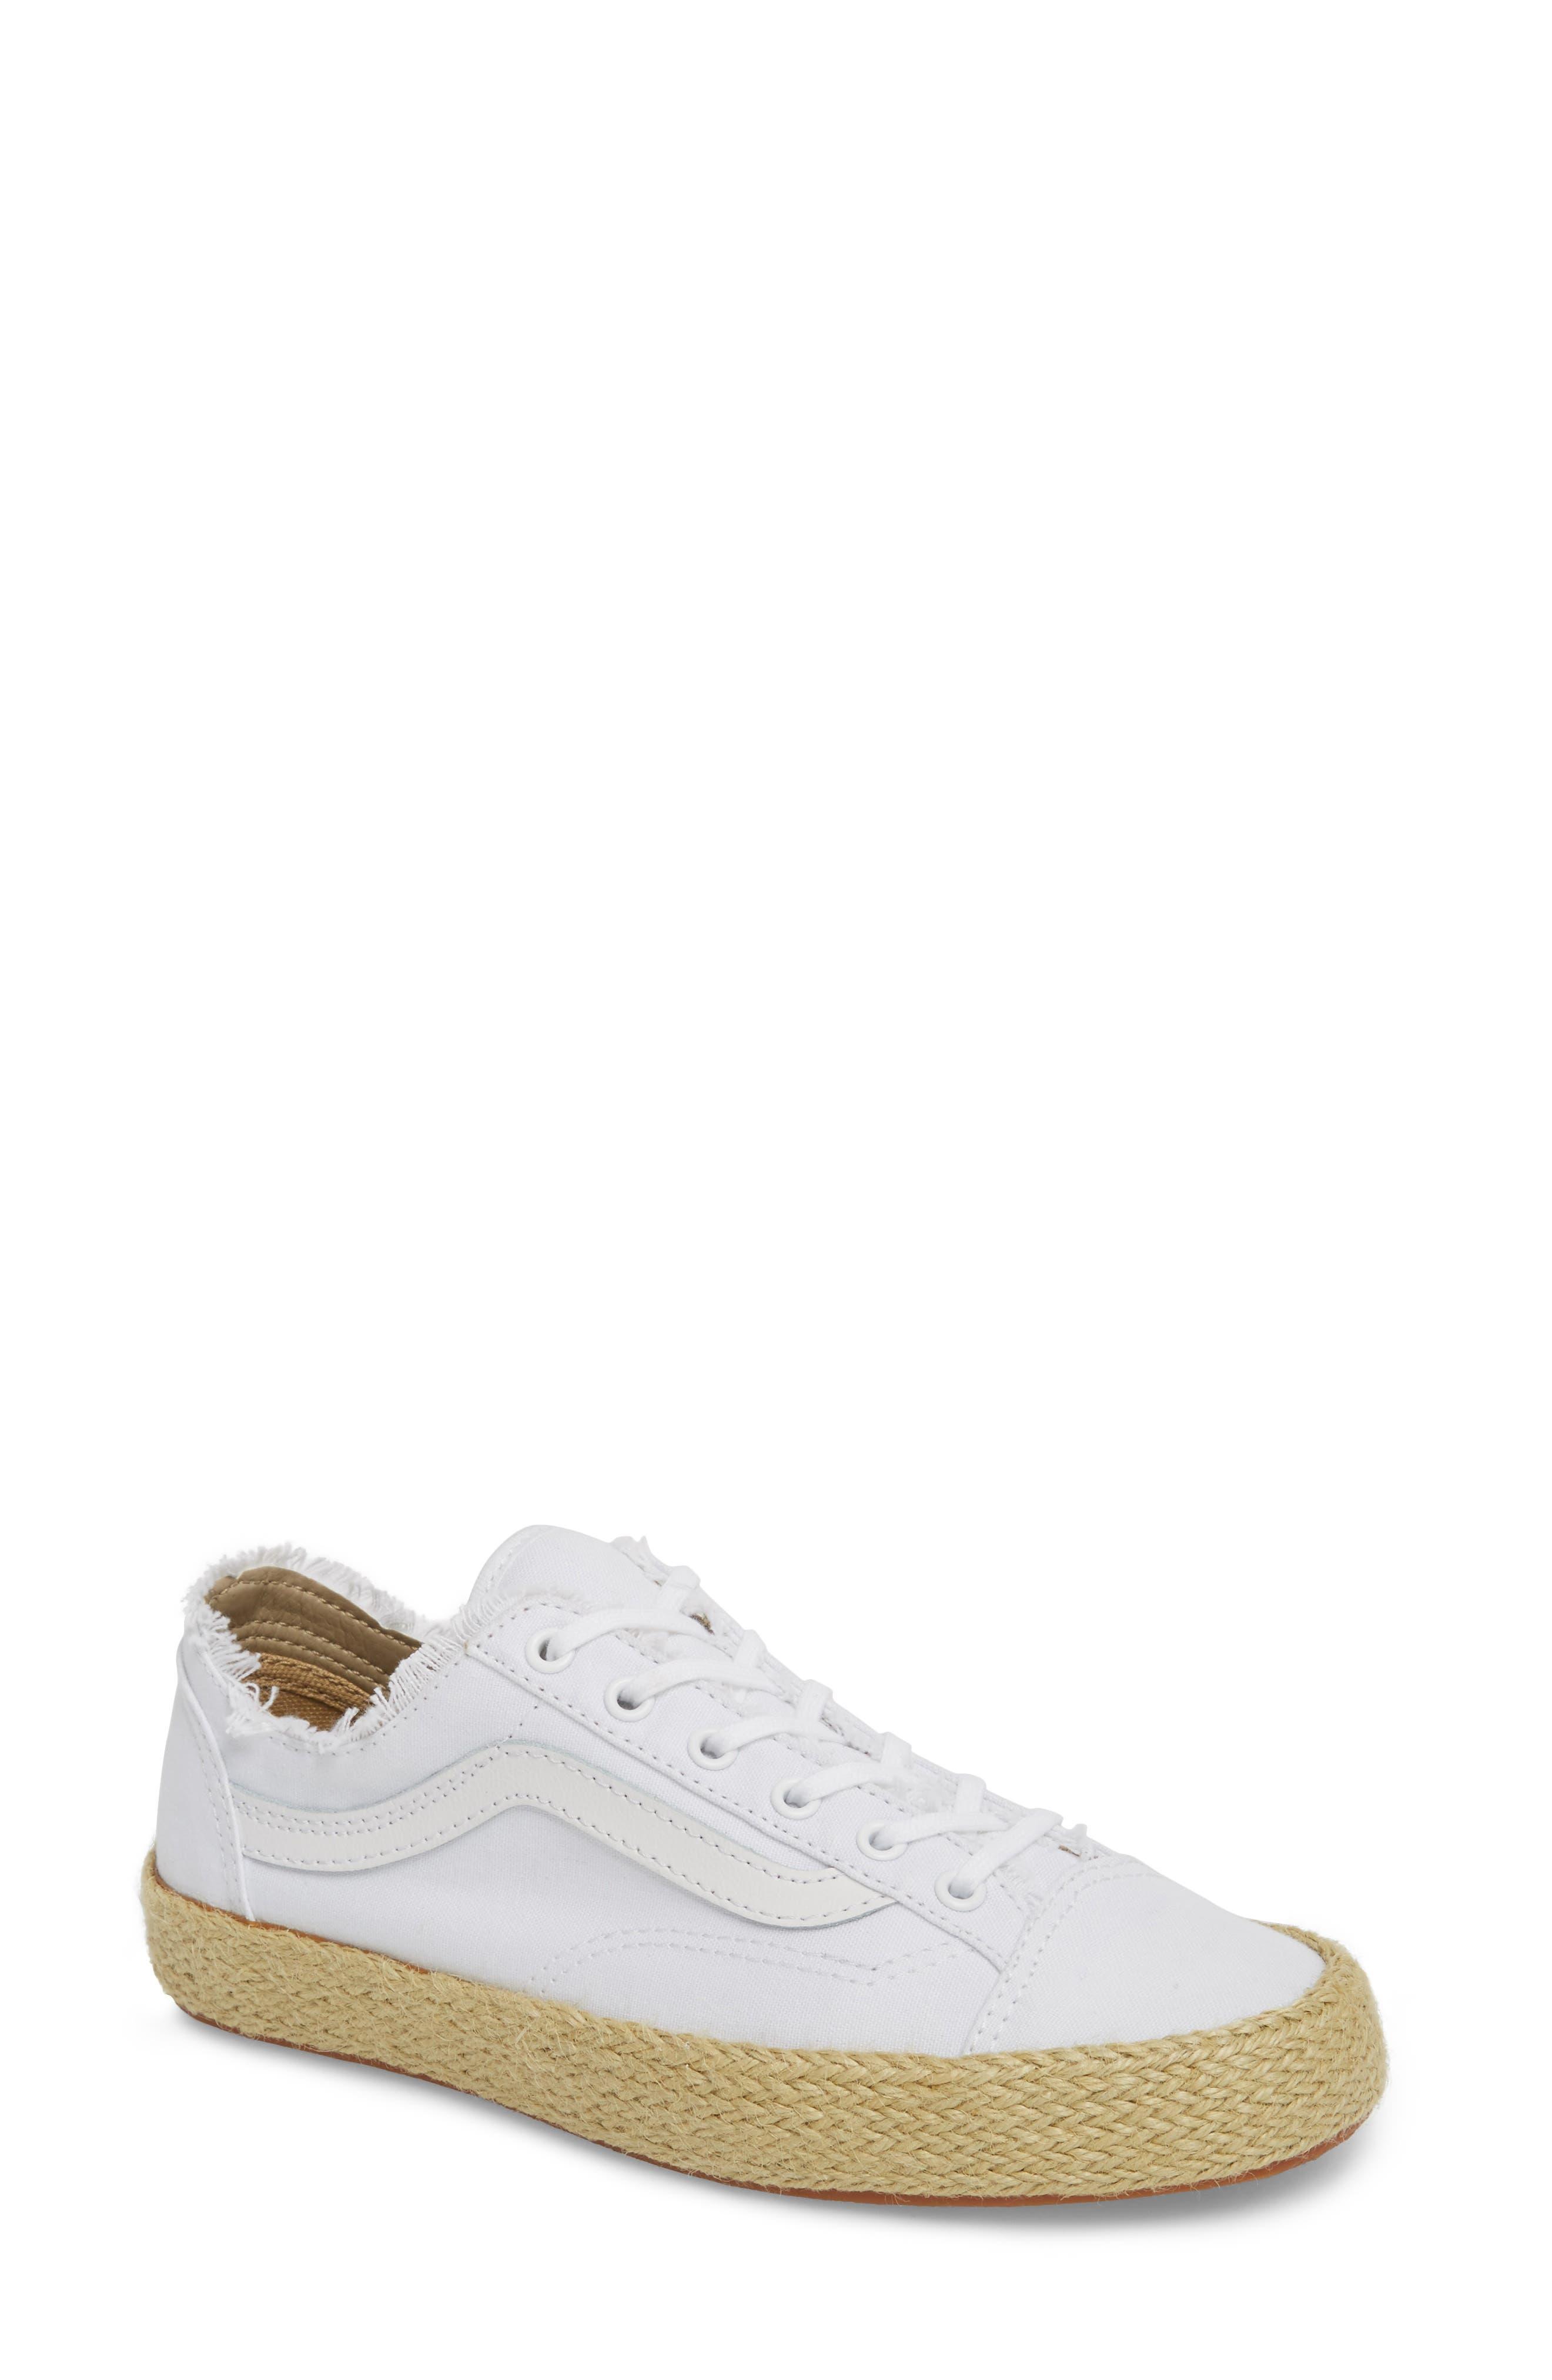 Style 36 Decon Sneaker,                         Main,                         color,